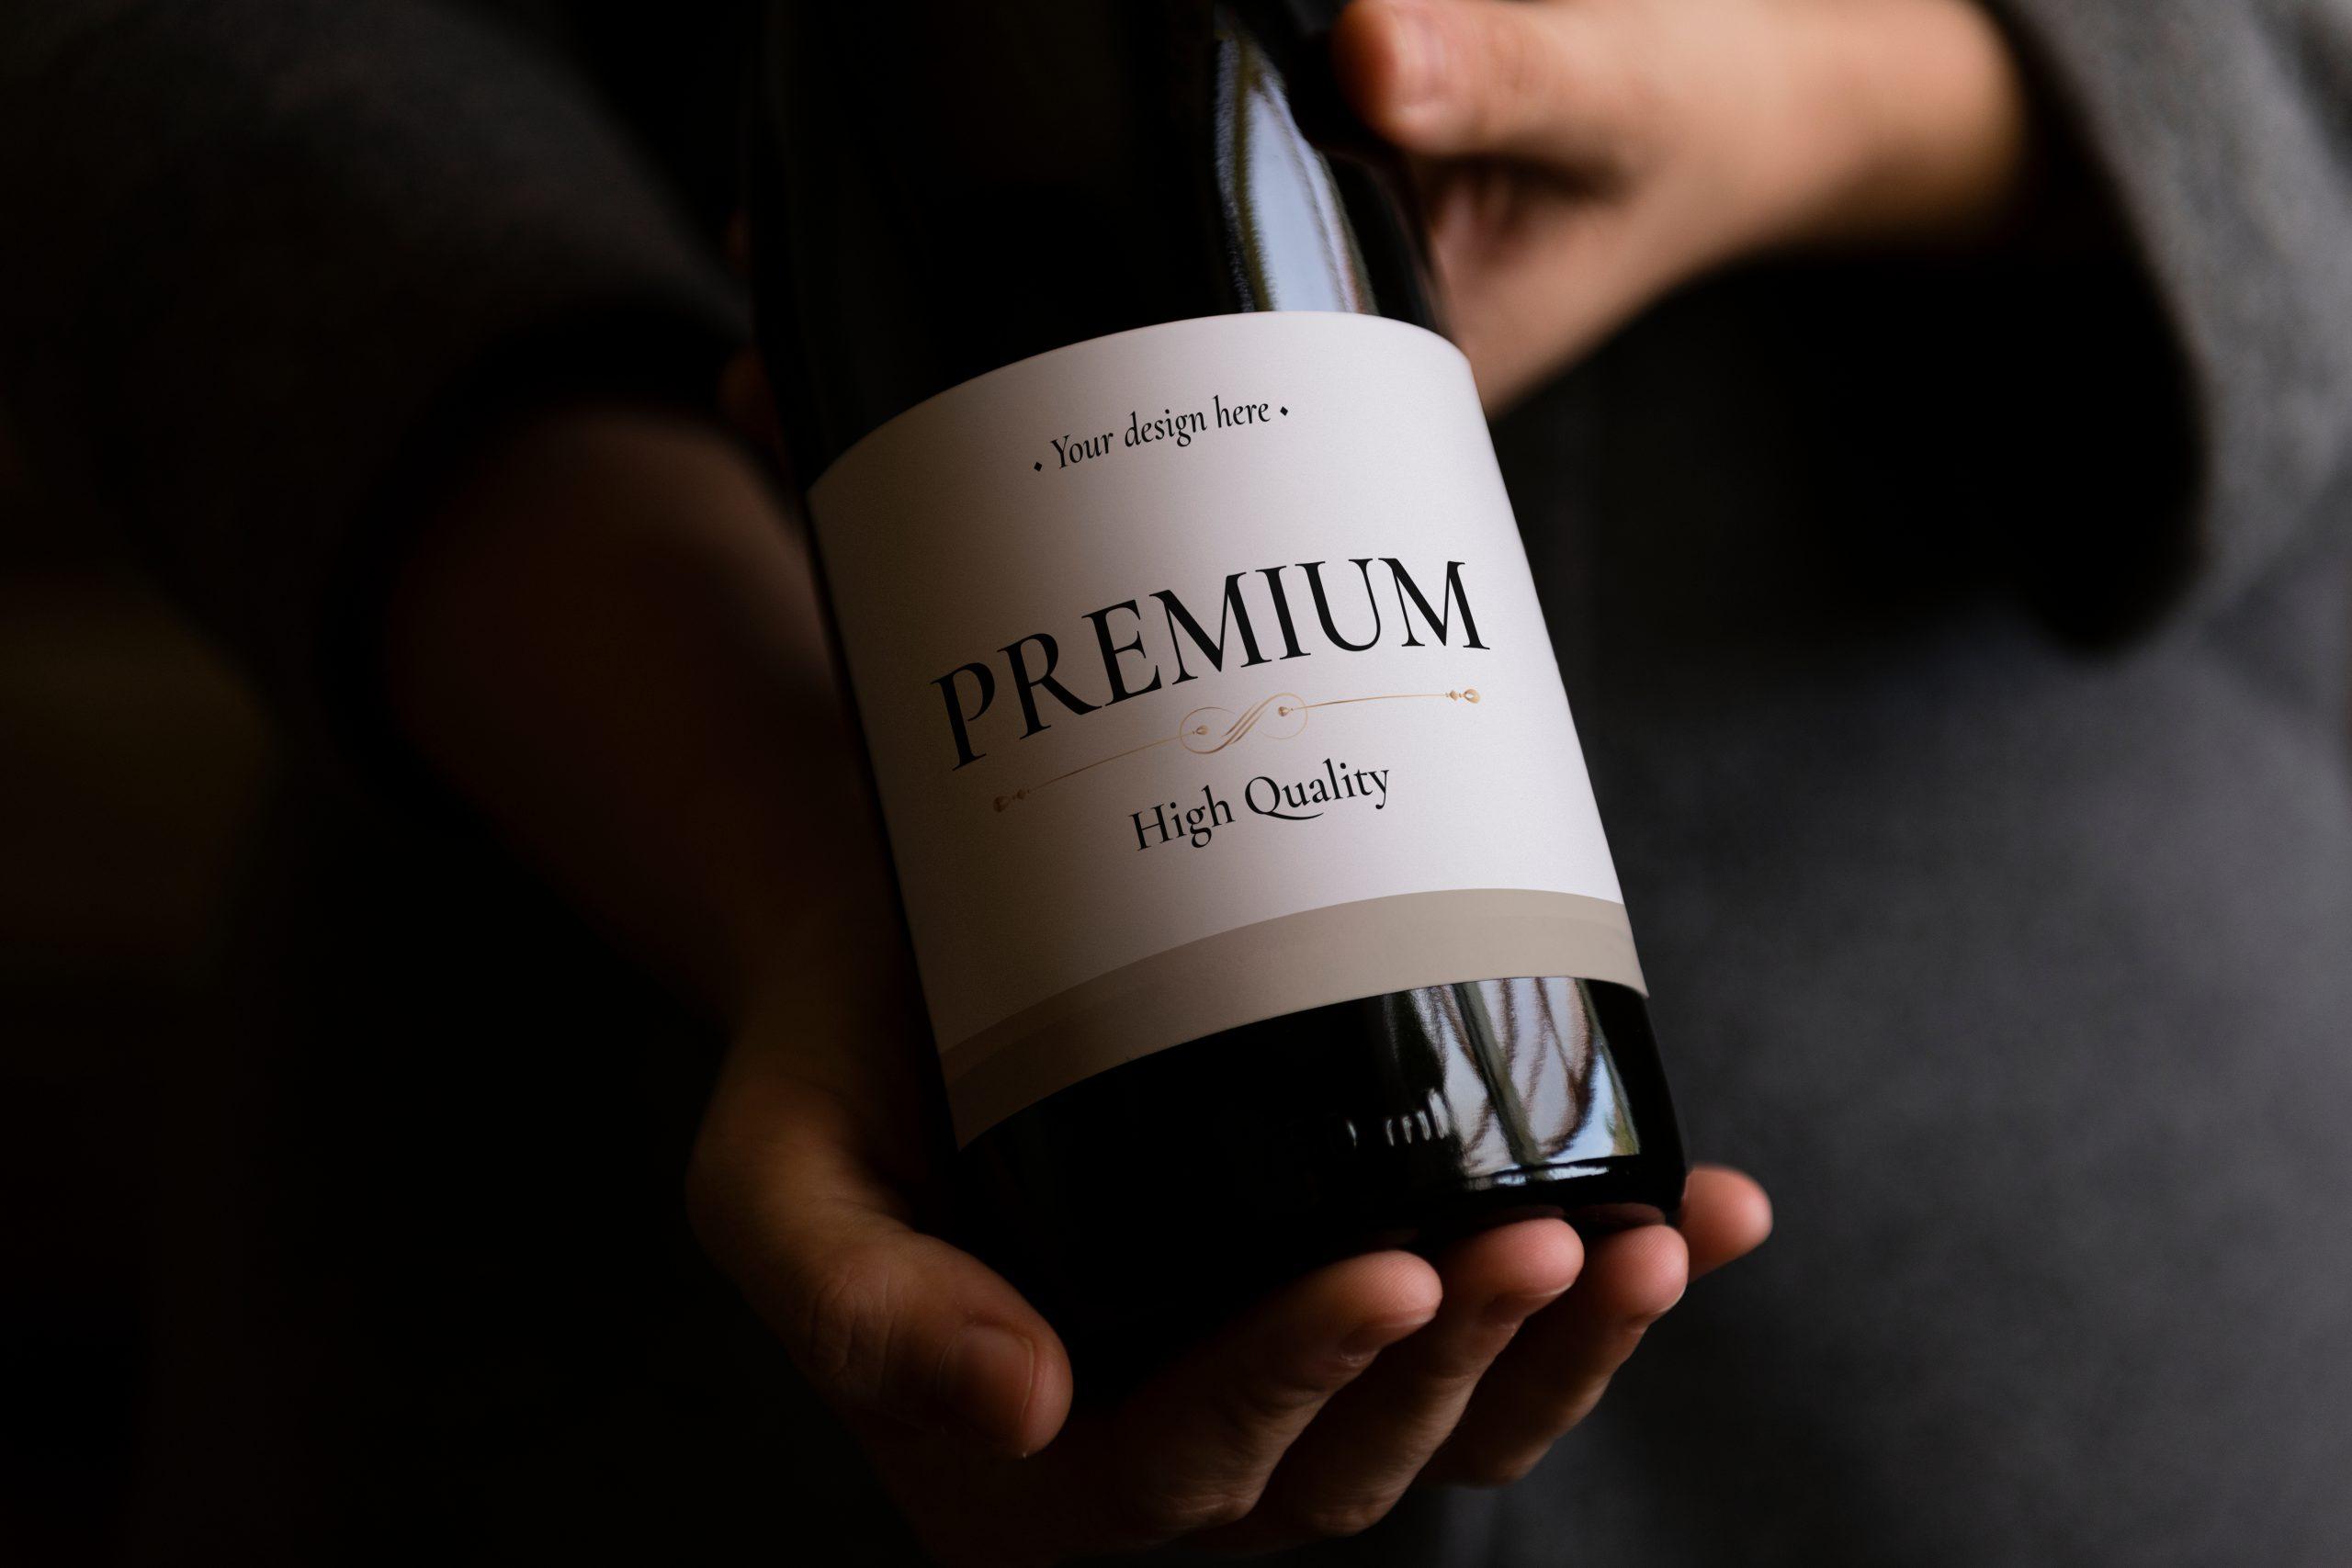 アペラシオンはワインの何を表す?ワインの見方がわかるかも